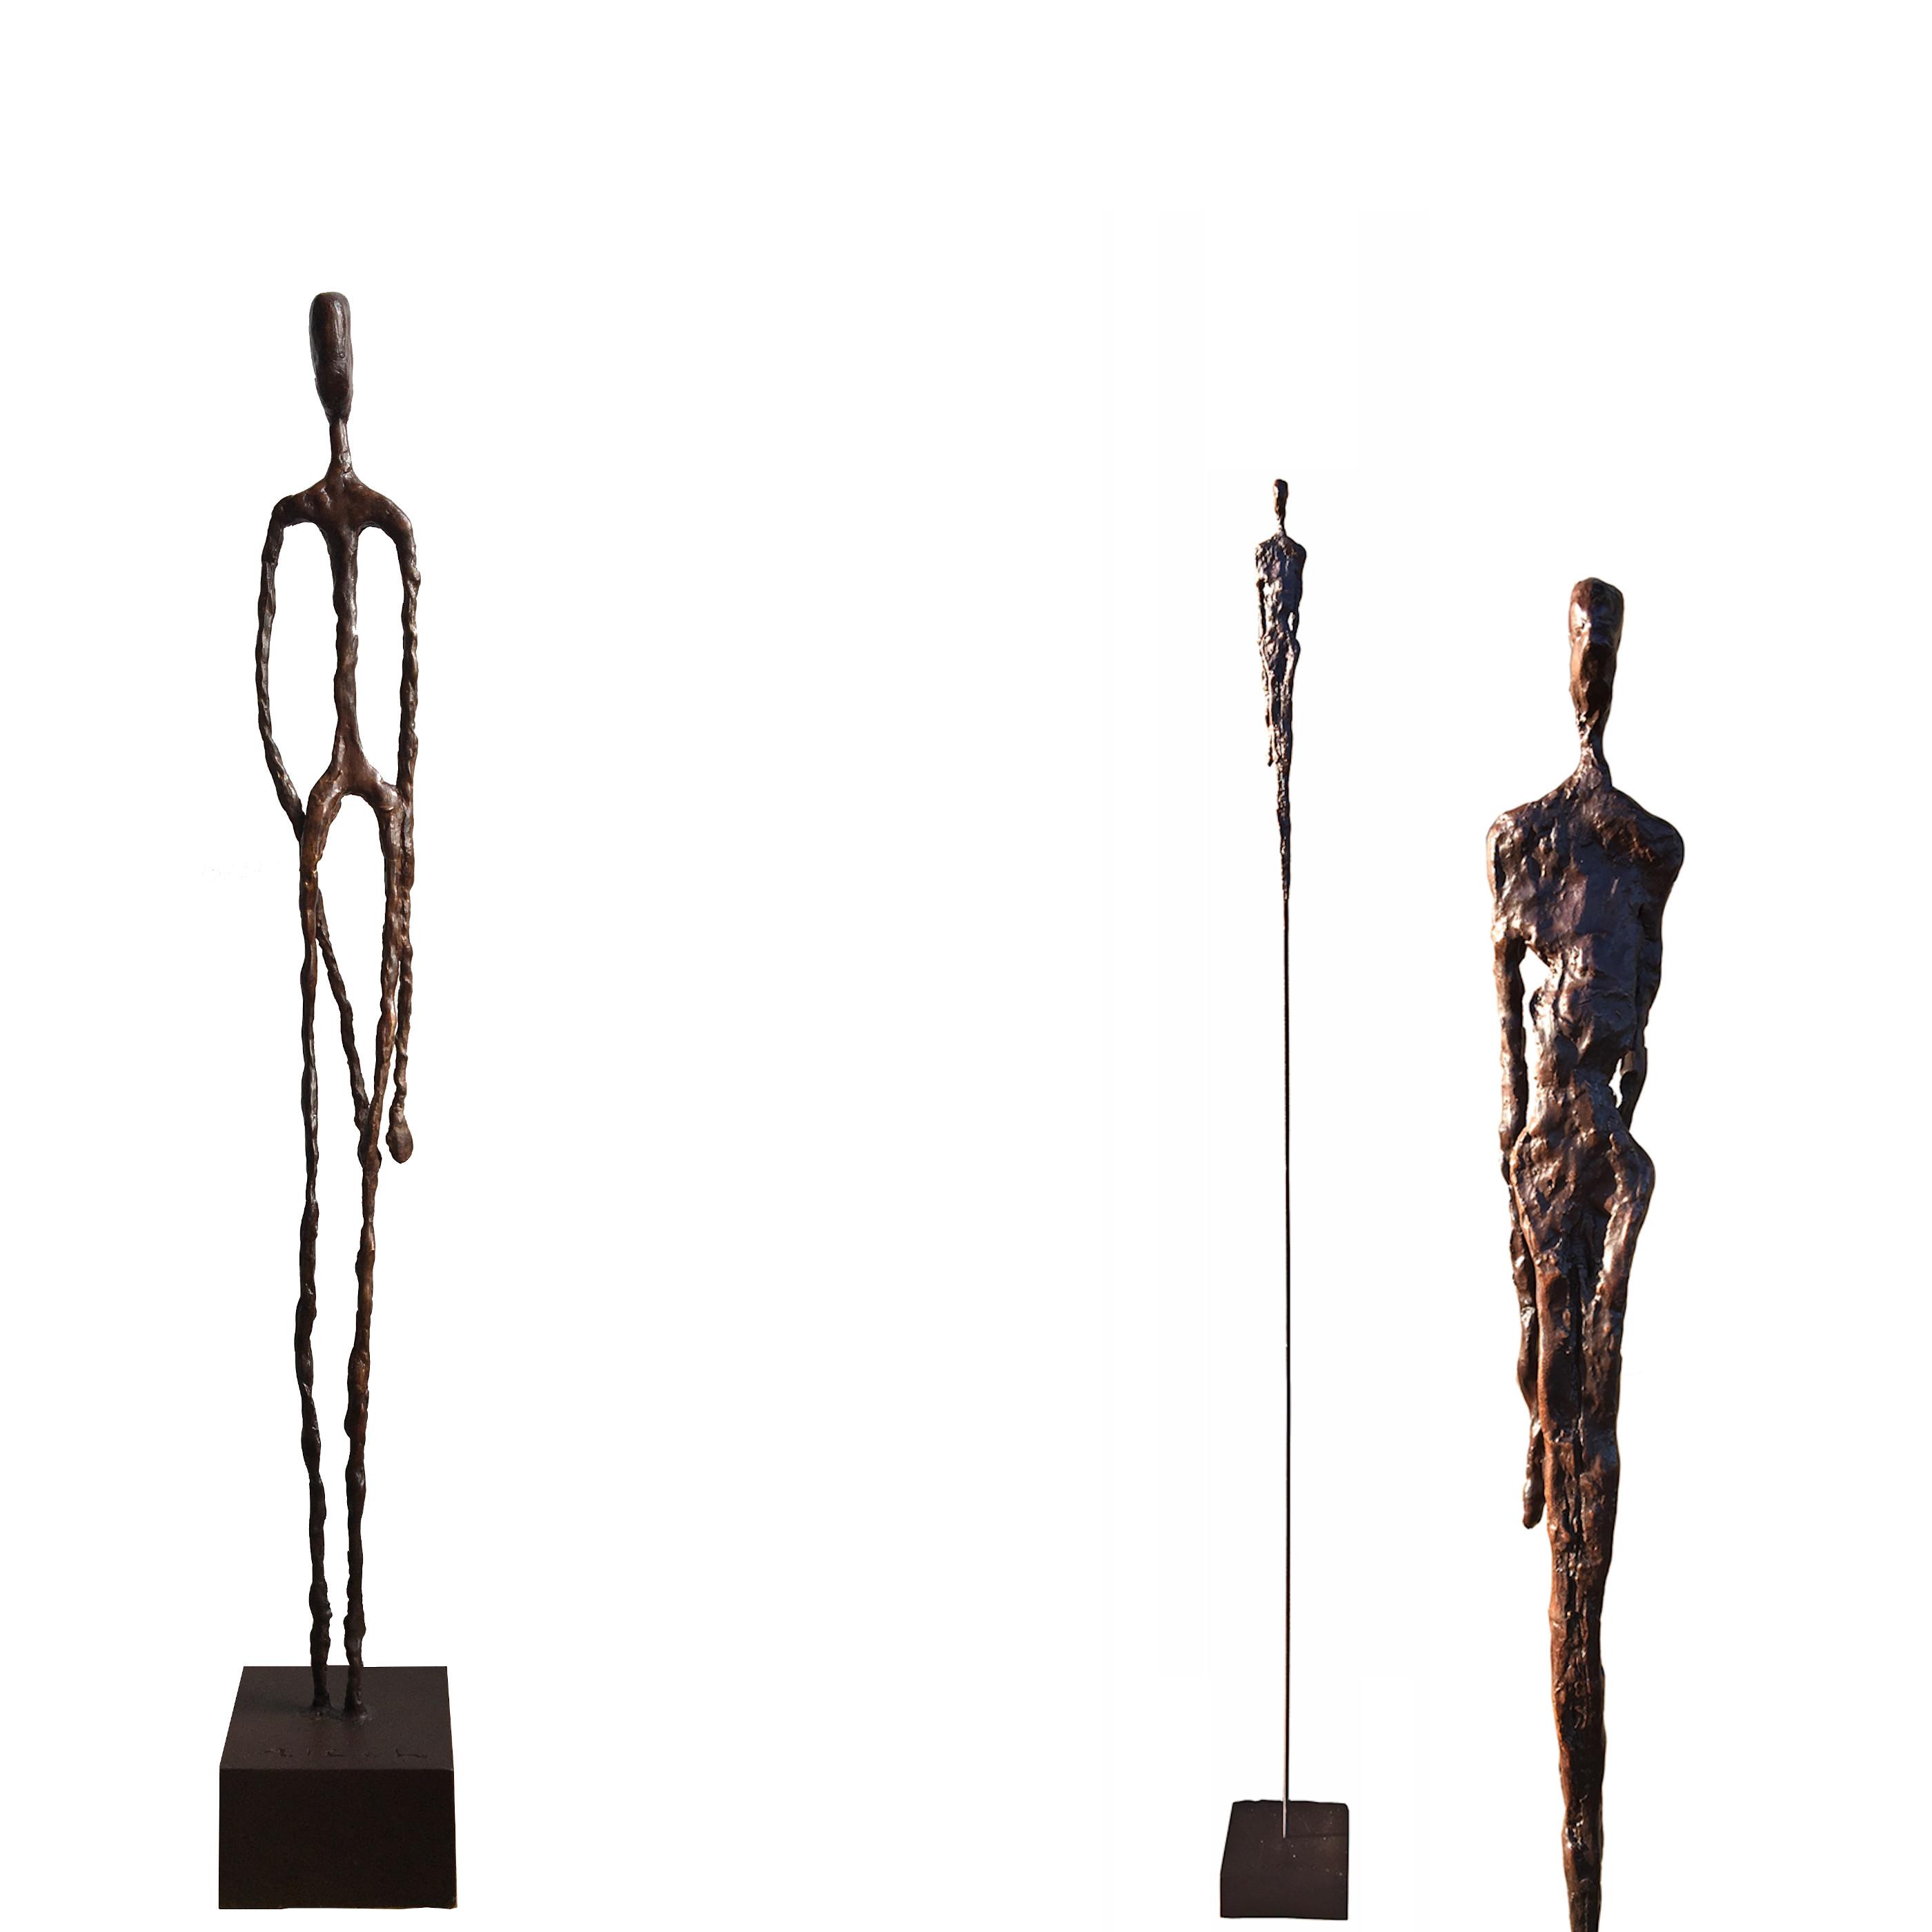 KAH Rachel -Homme seul 4 bronze - Homme seul 1 bronze - mecenavie